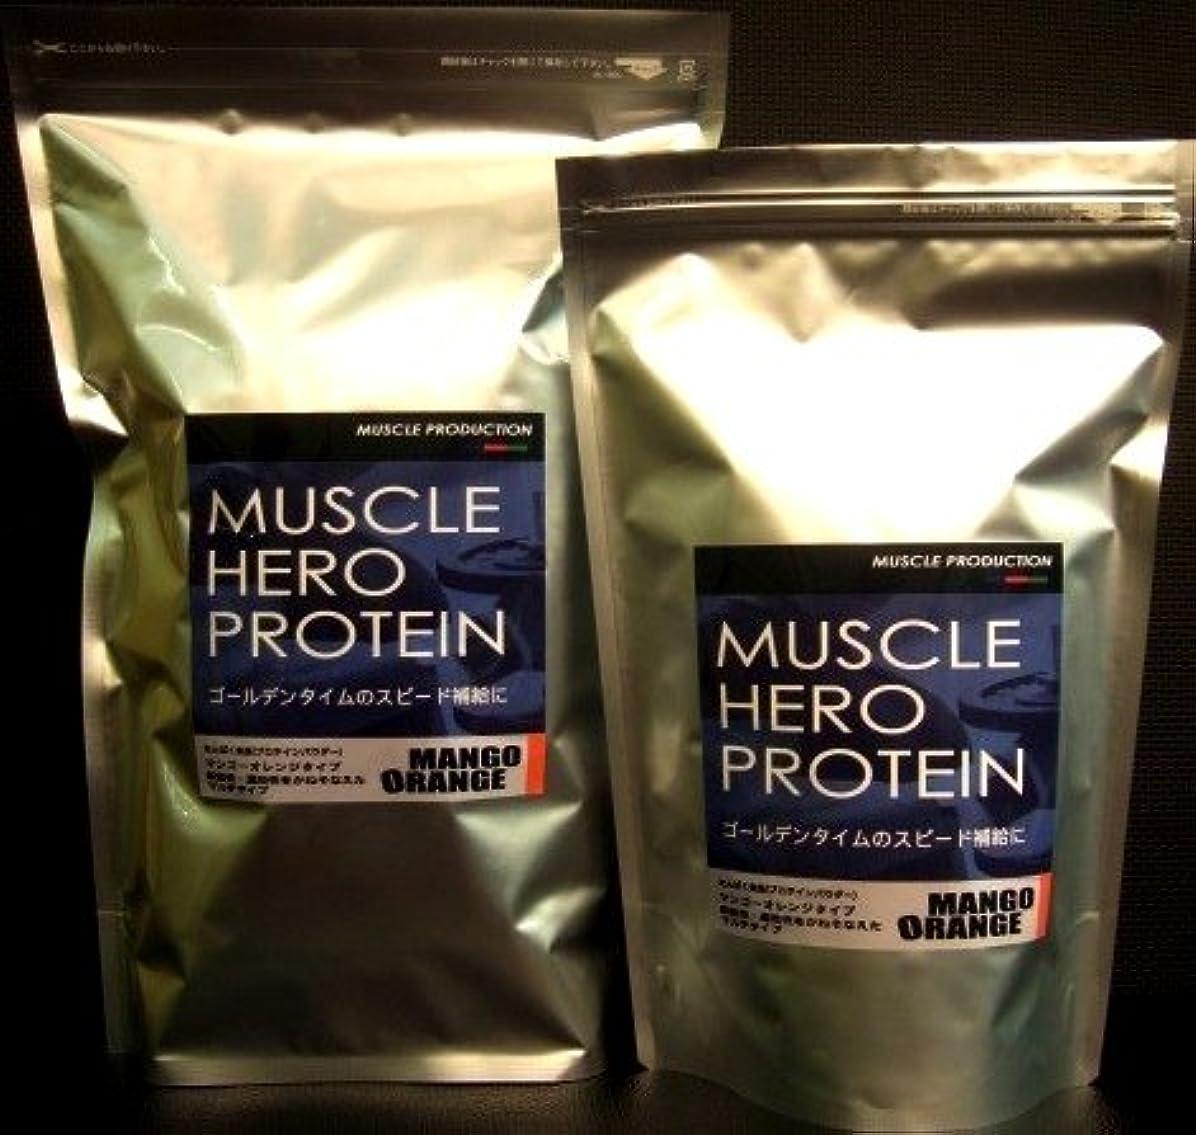 アーチ例外待つマッスルヒーロープロテイン1kg(ミルクココア味)